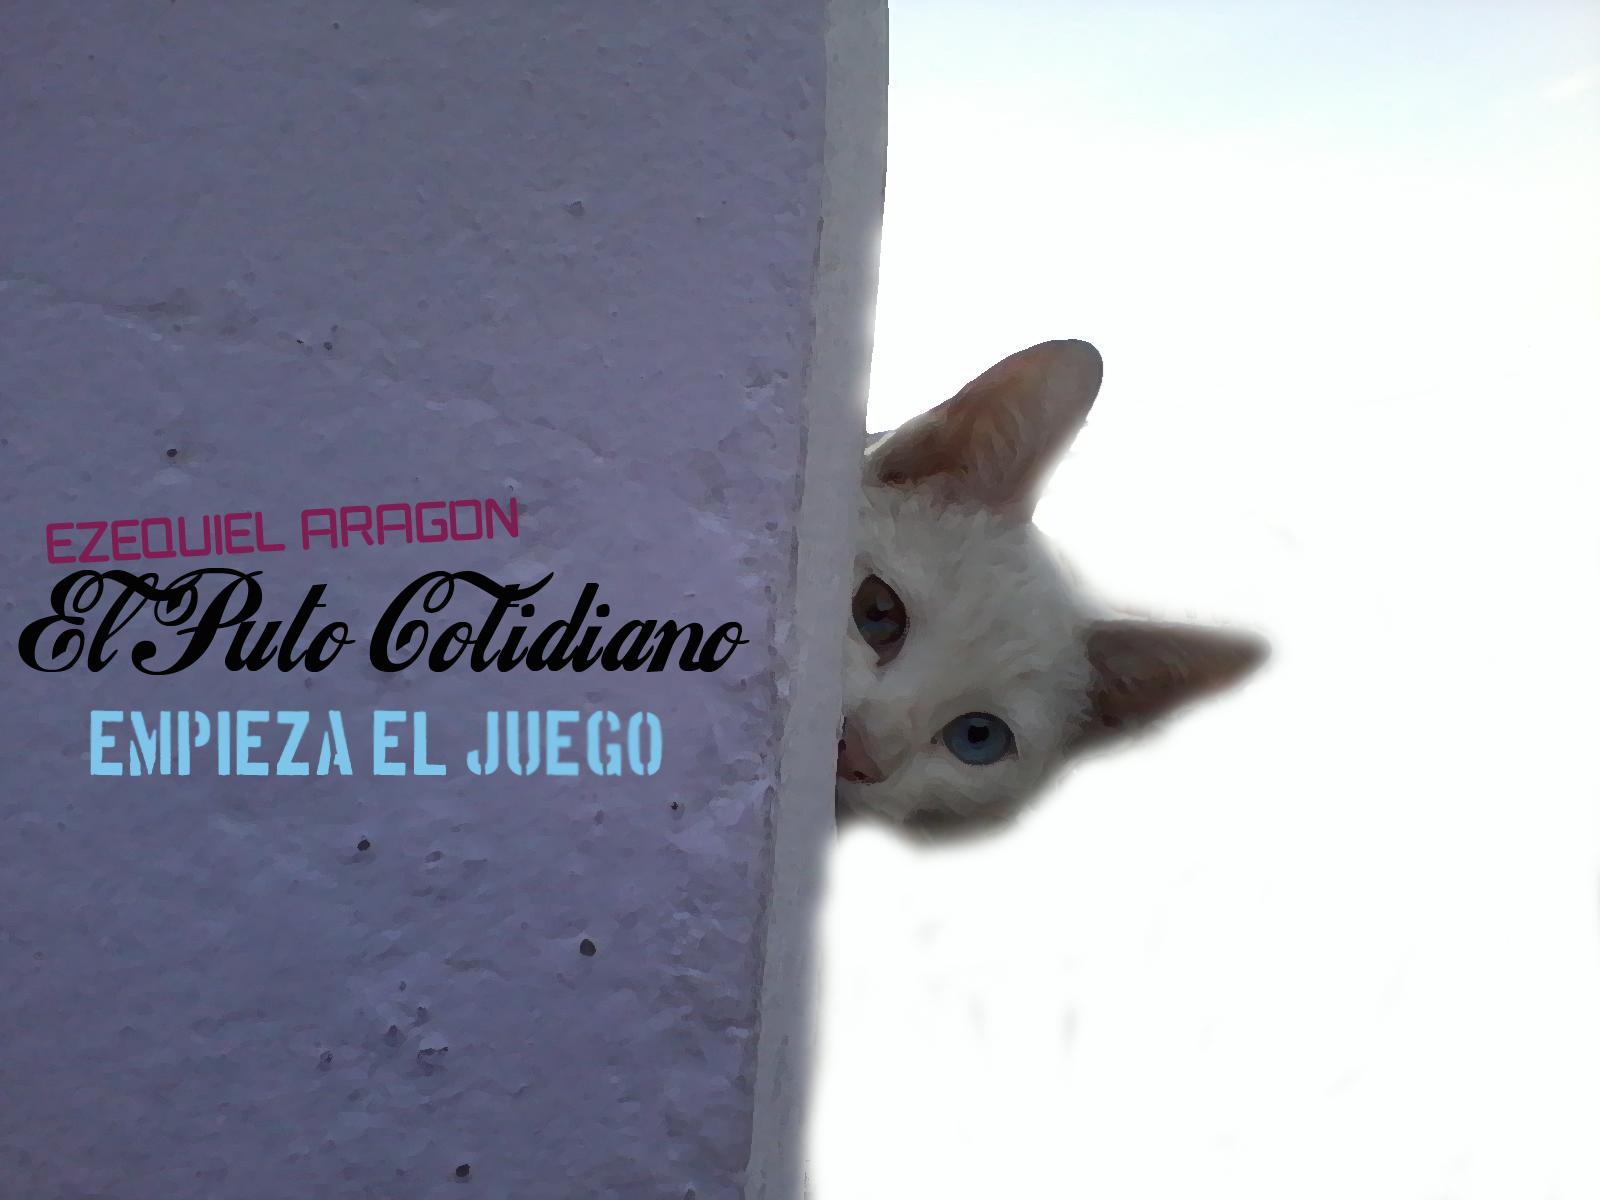 EL PUTO COTIDIANO by Ezekiel Aragon